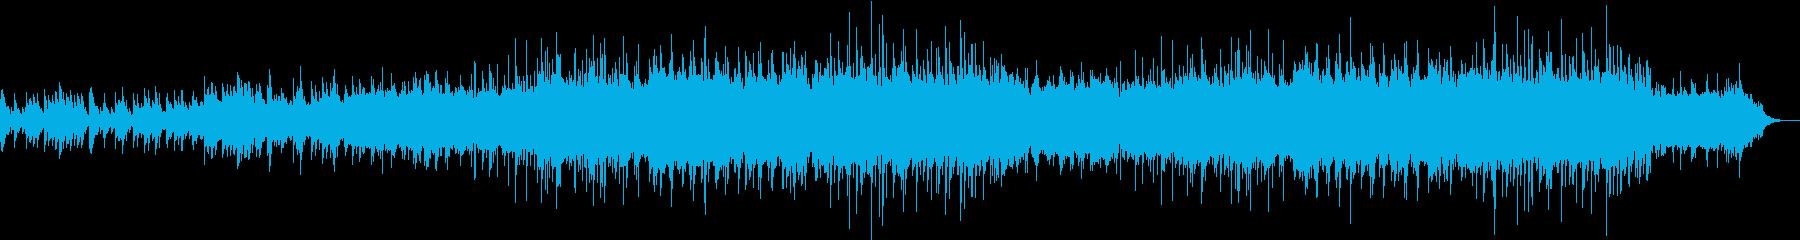 記憶の中の思い出ピアノメロディーの再生済みの波形